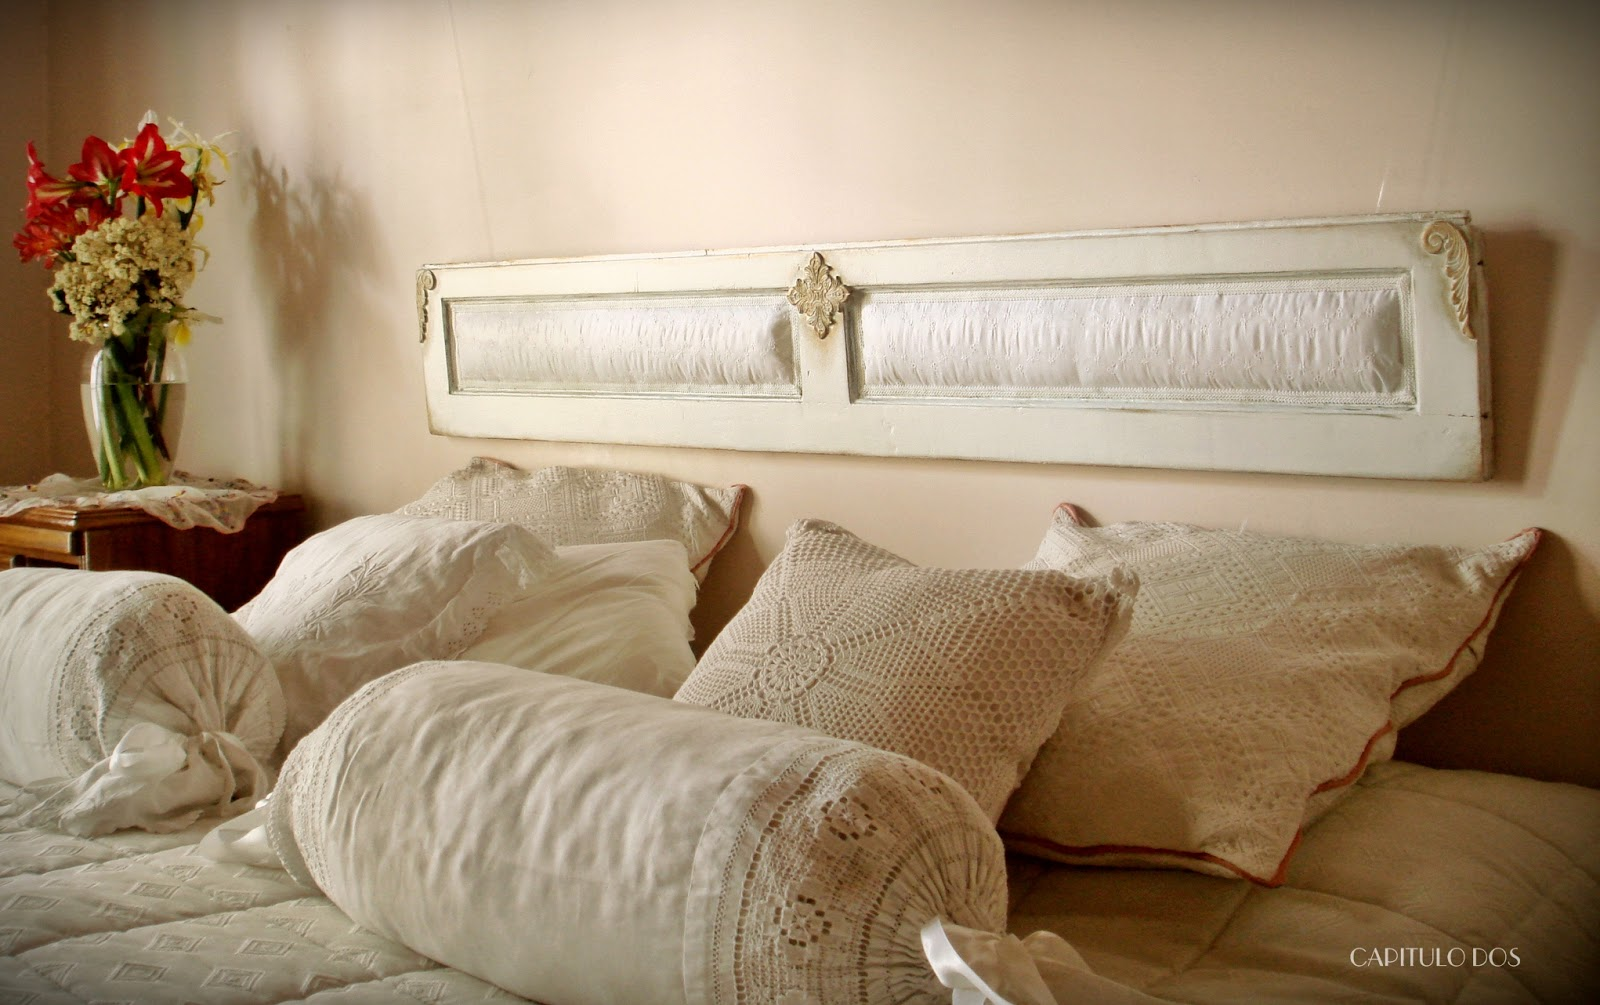 Capitulo dos postigos y postigones i - Respaldo para cama ...